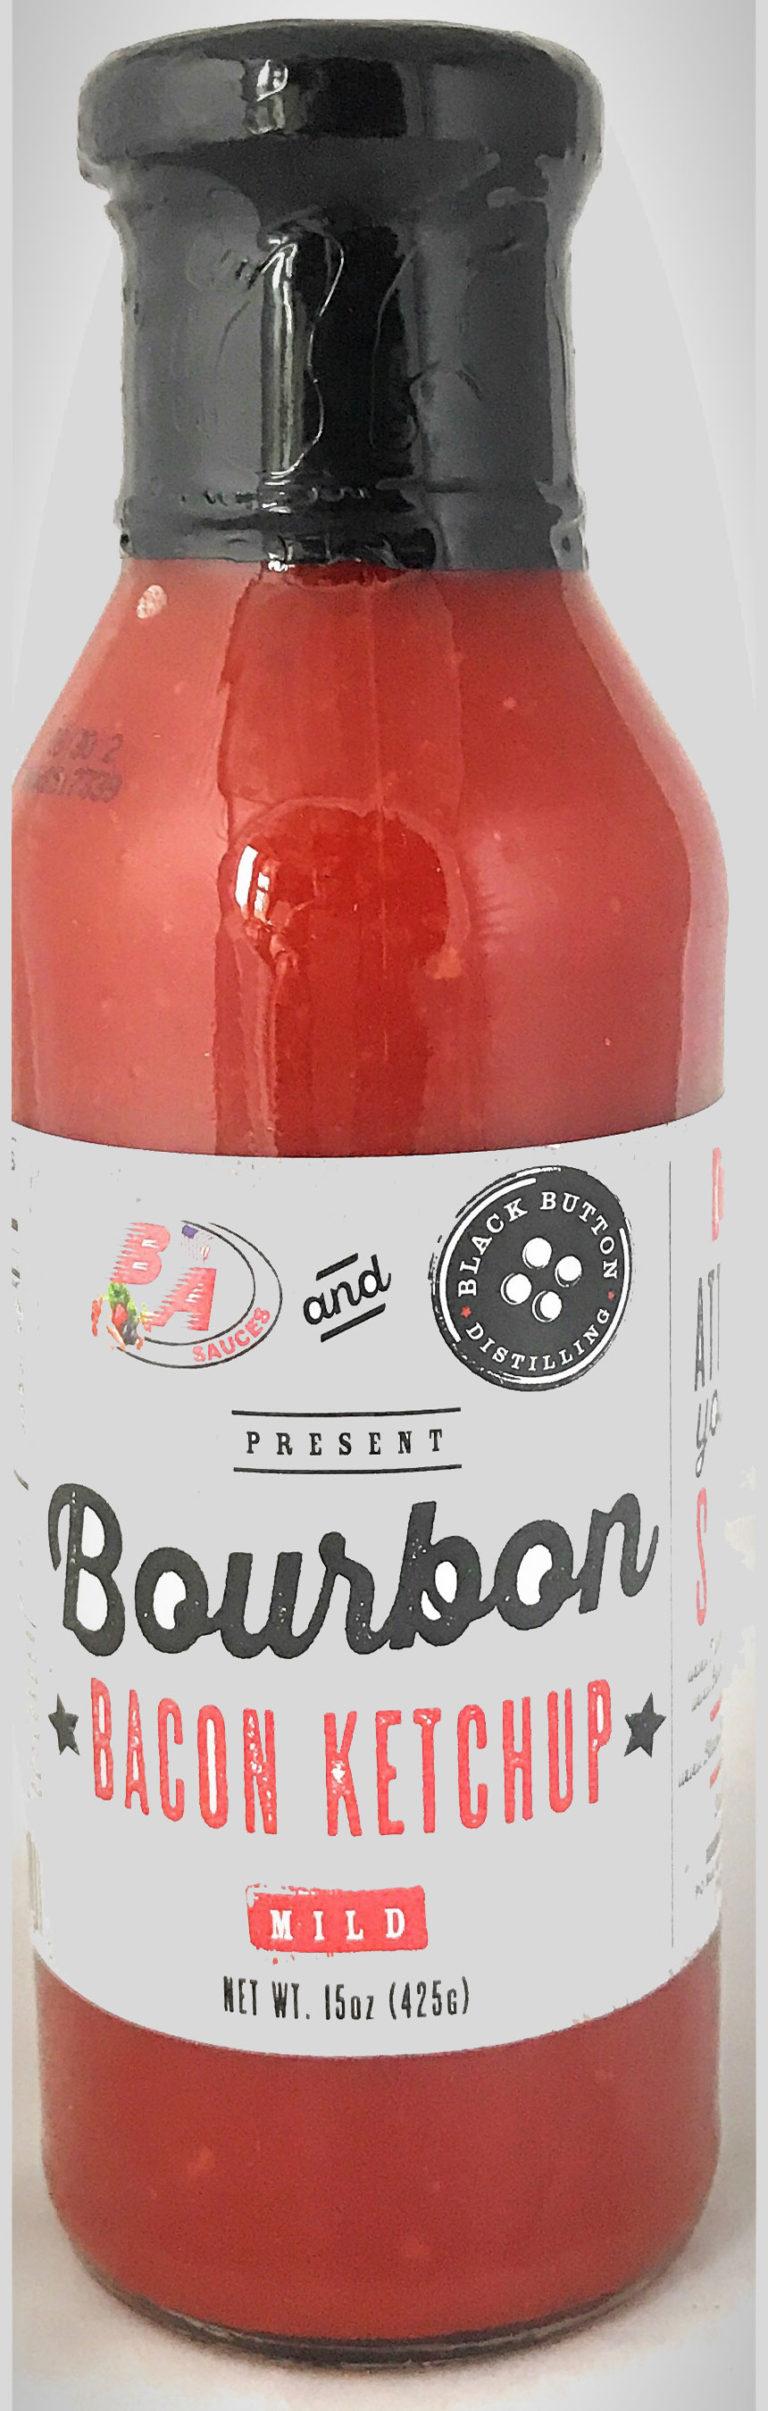 Bourbon-Bacon-Ketchup